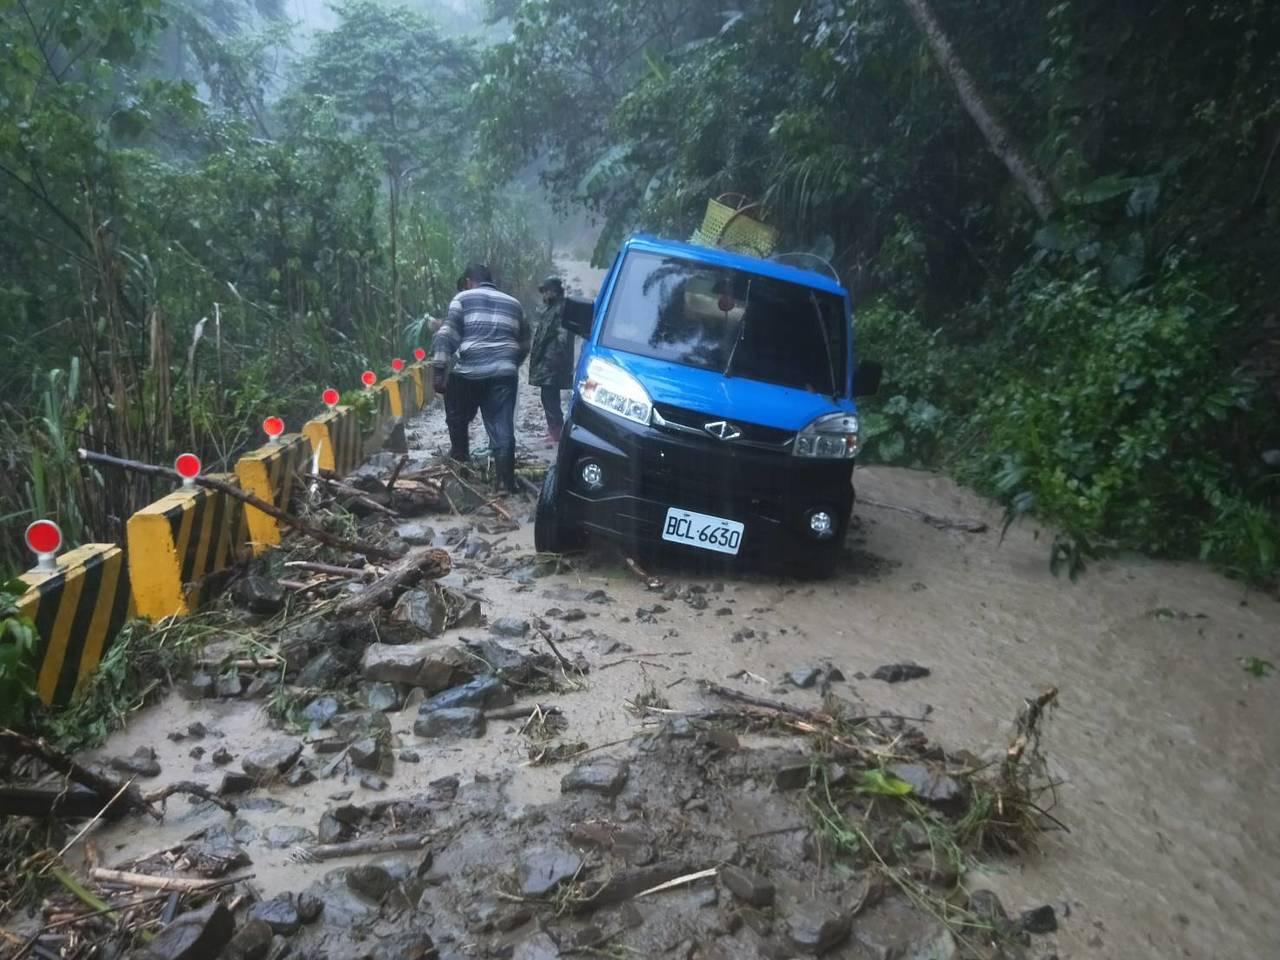 那瑪夏區雨勢盛大,一輛小貨車受困在產業道路上。記者徐白櫻/翻攝